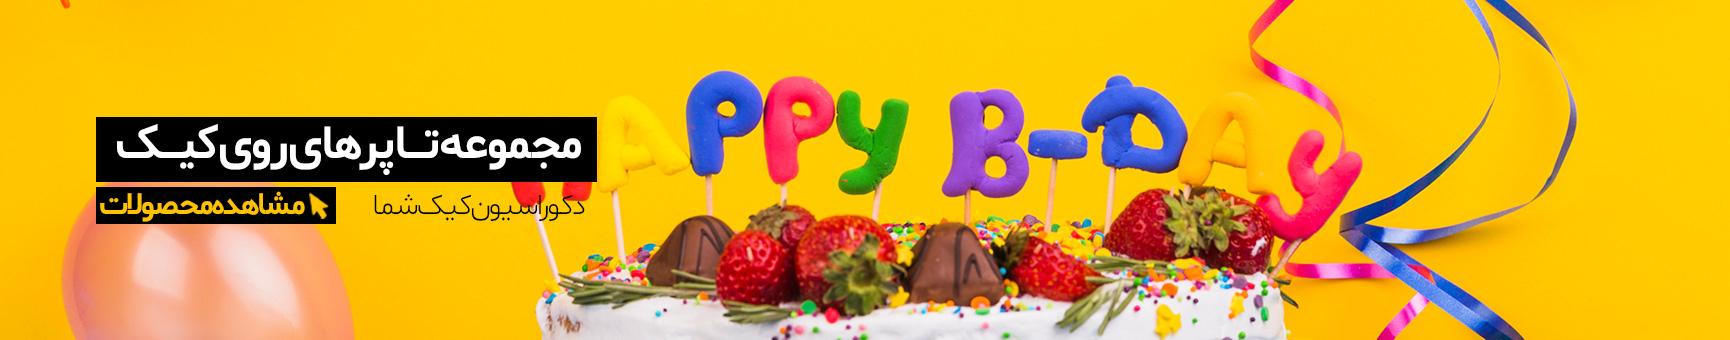 مجموعه تاپــرهای روی کیک - هورا-لوازم جشن و تولد